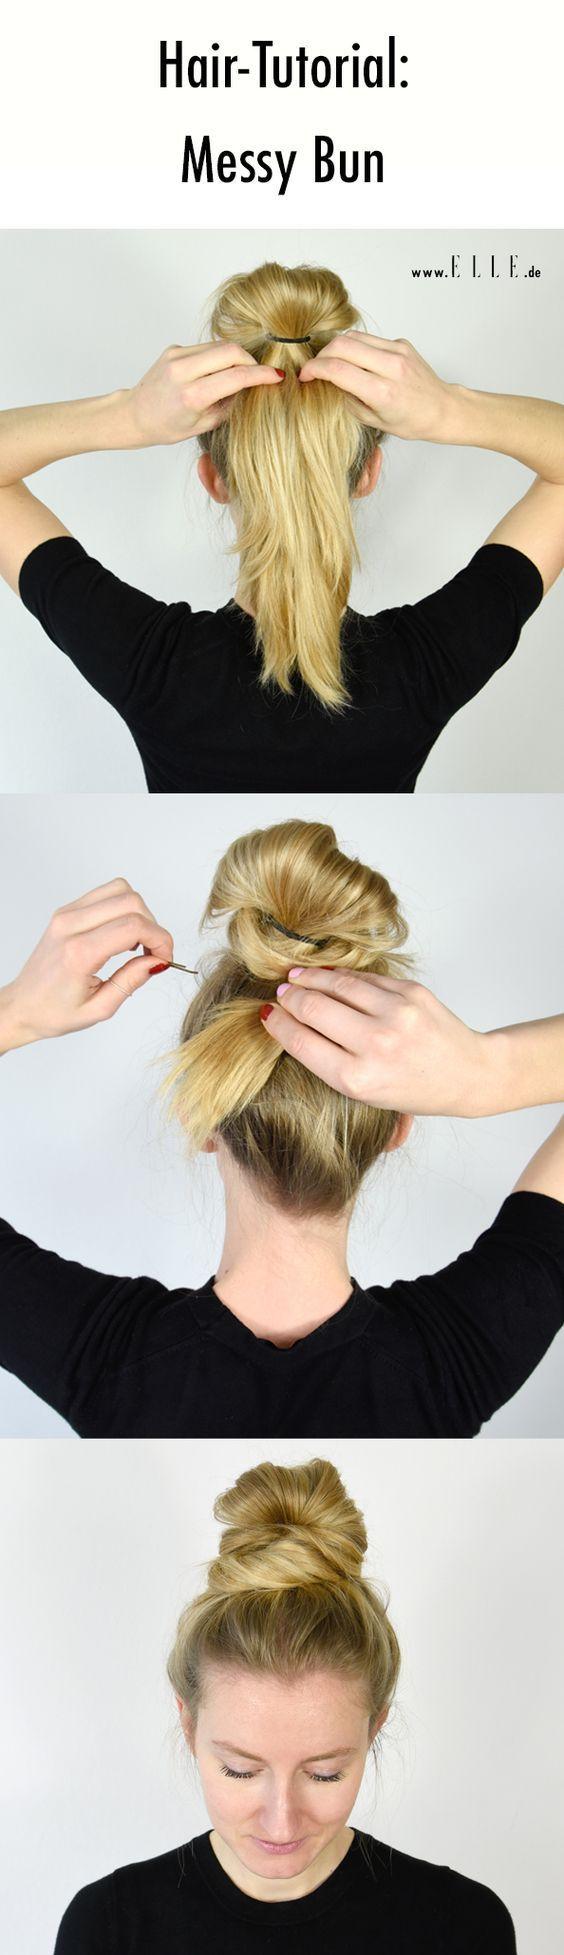 Tres peinados rápidos que se adaptan a todas las mujeres. ELLE